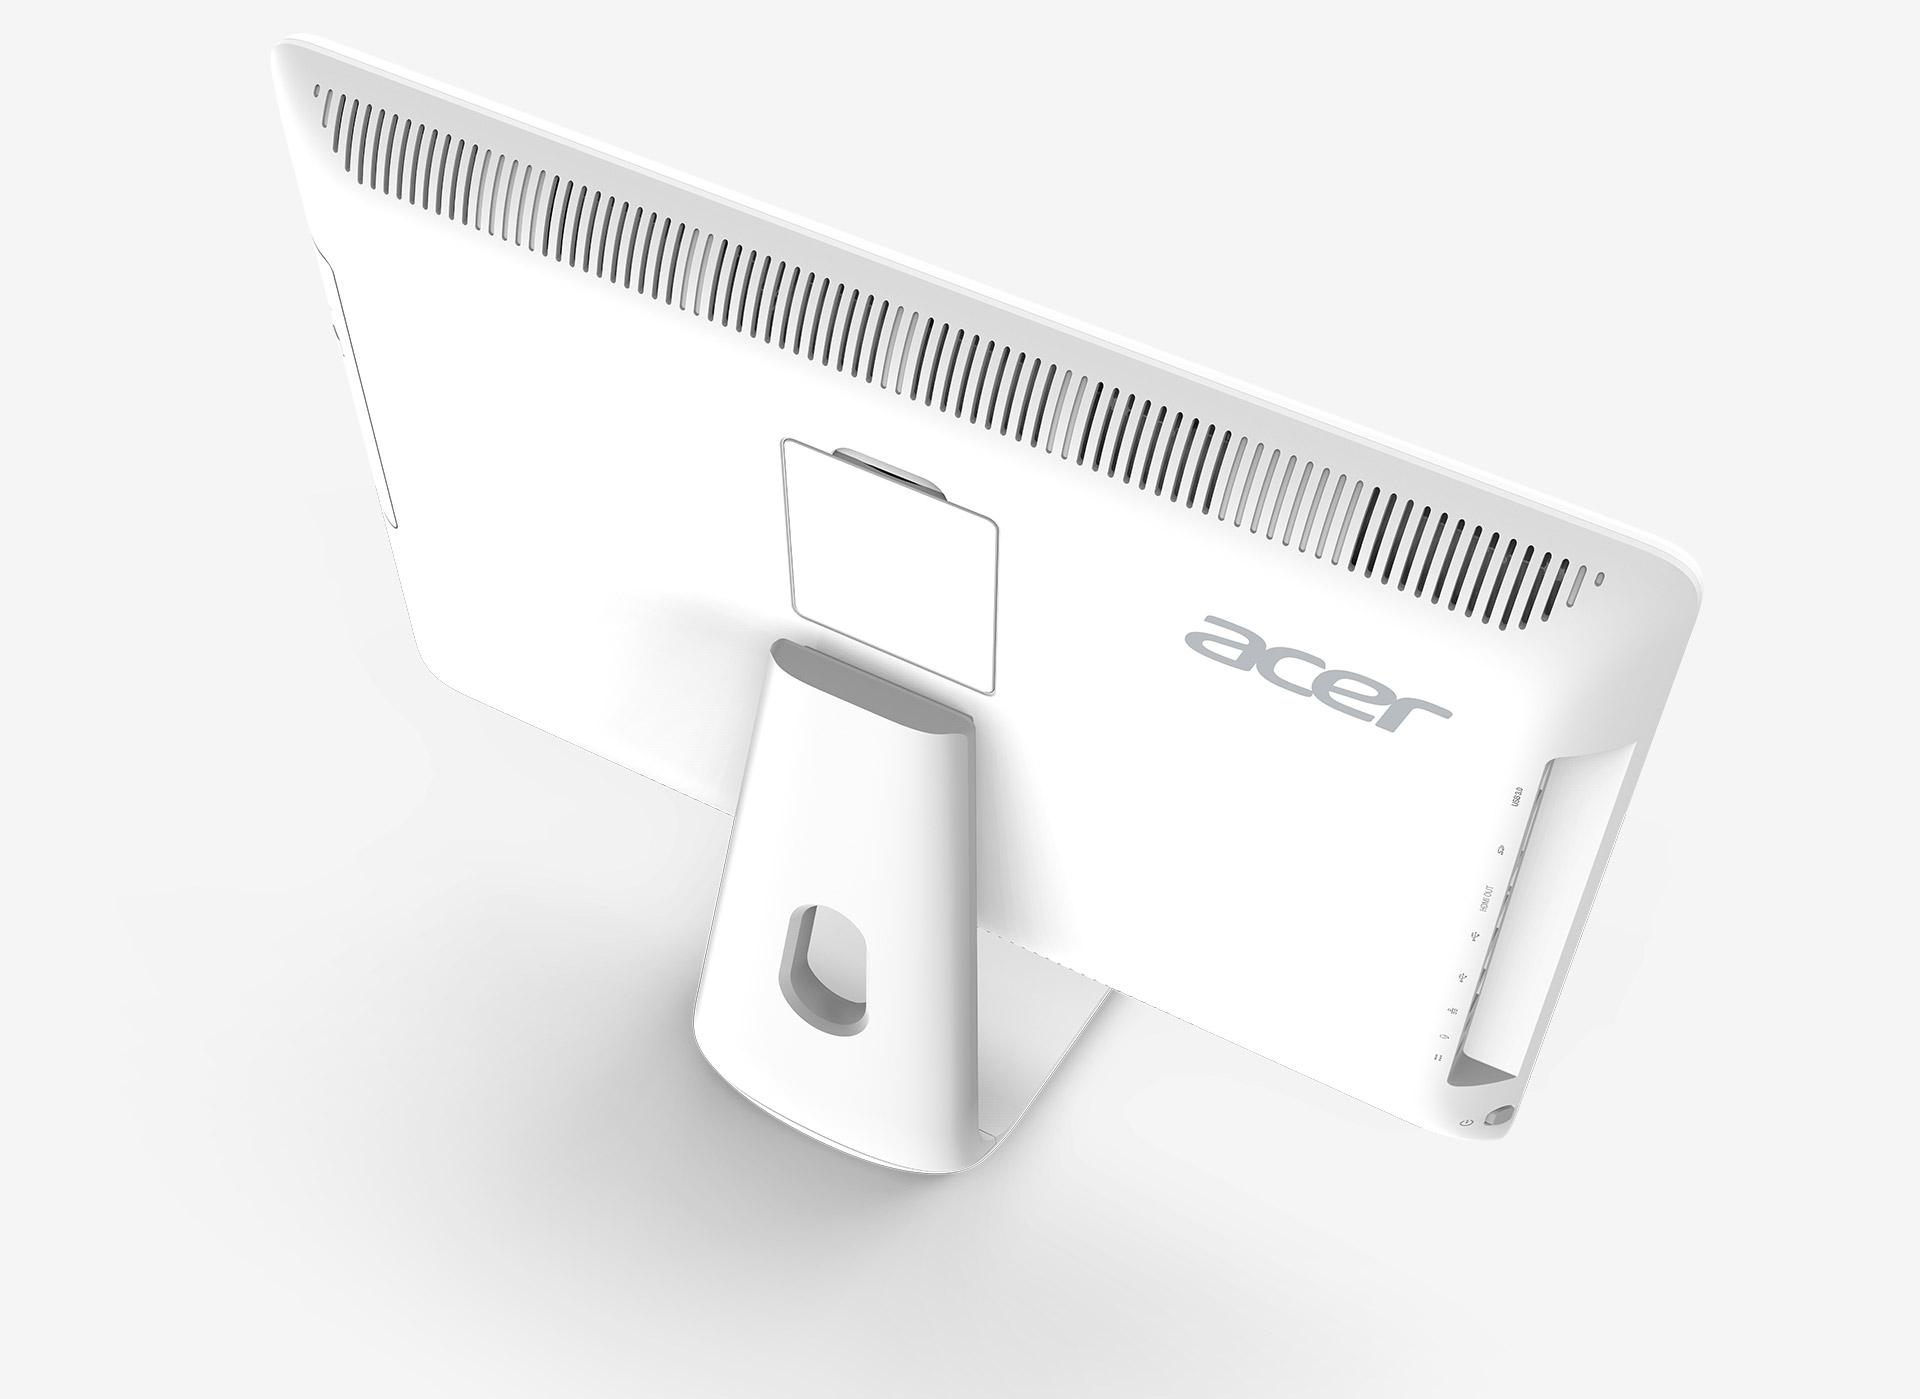 Aspire C20 - Ergonomic Style - Large